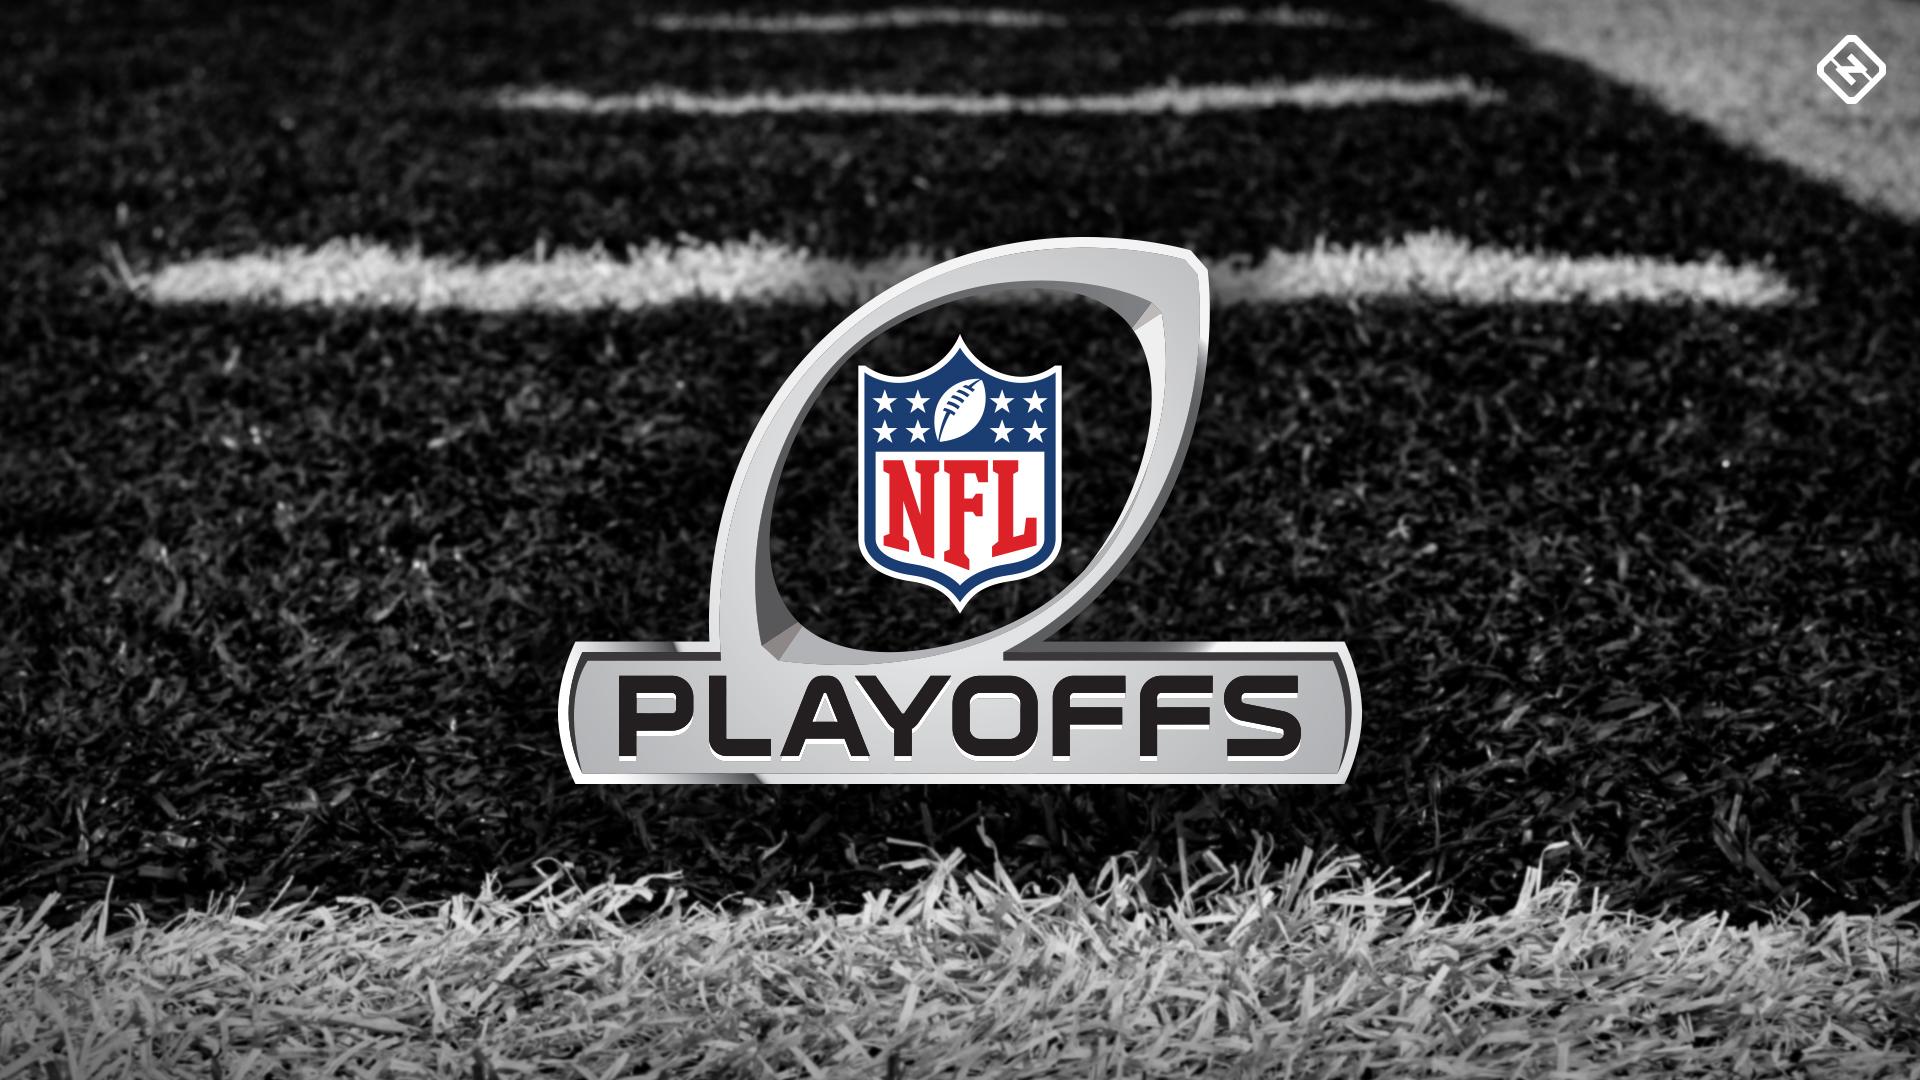 Los playoffs de la NFL llegarán a Nickelodeon 68